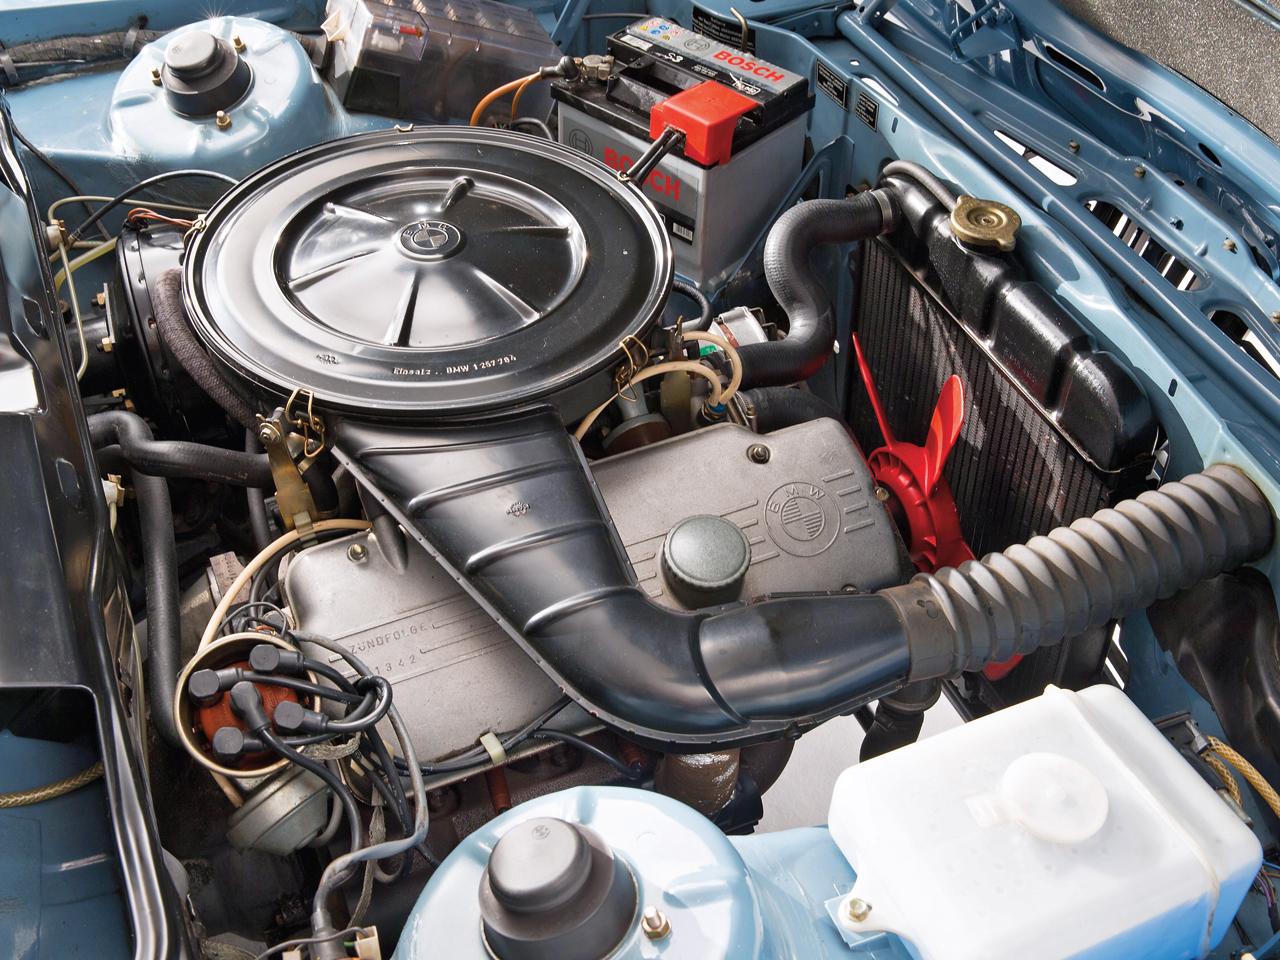 Small Gasket Set Solex 36-40 PDSI for BMW e12 1600 1602 1802 2000 Carburetor kit